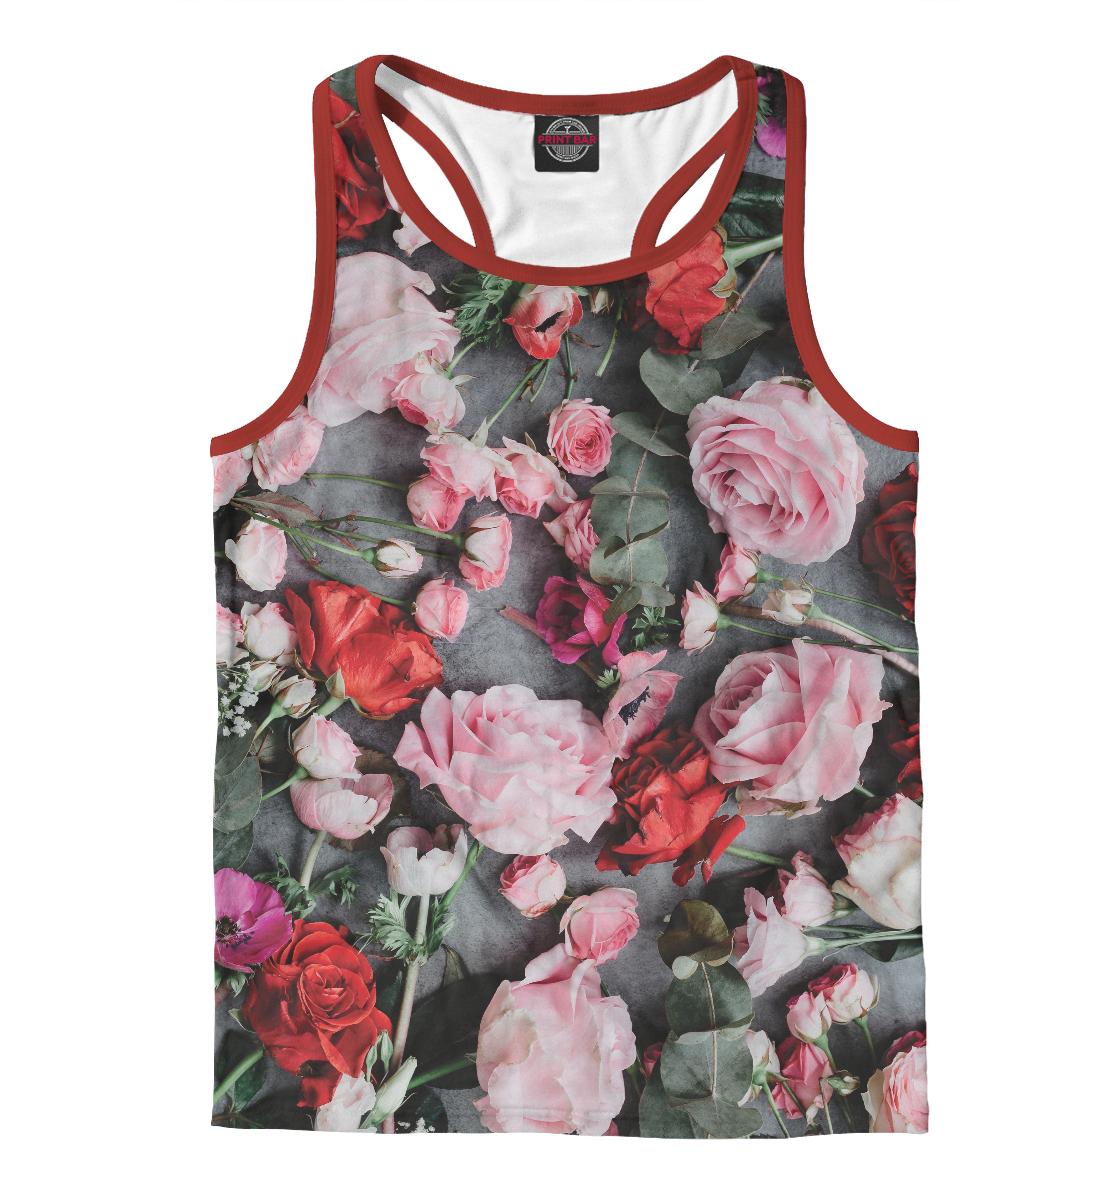 Купить Упавшие цветы, Printbar, Майки борцовки, CVE-613766-mayb-2